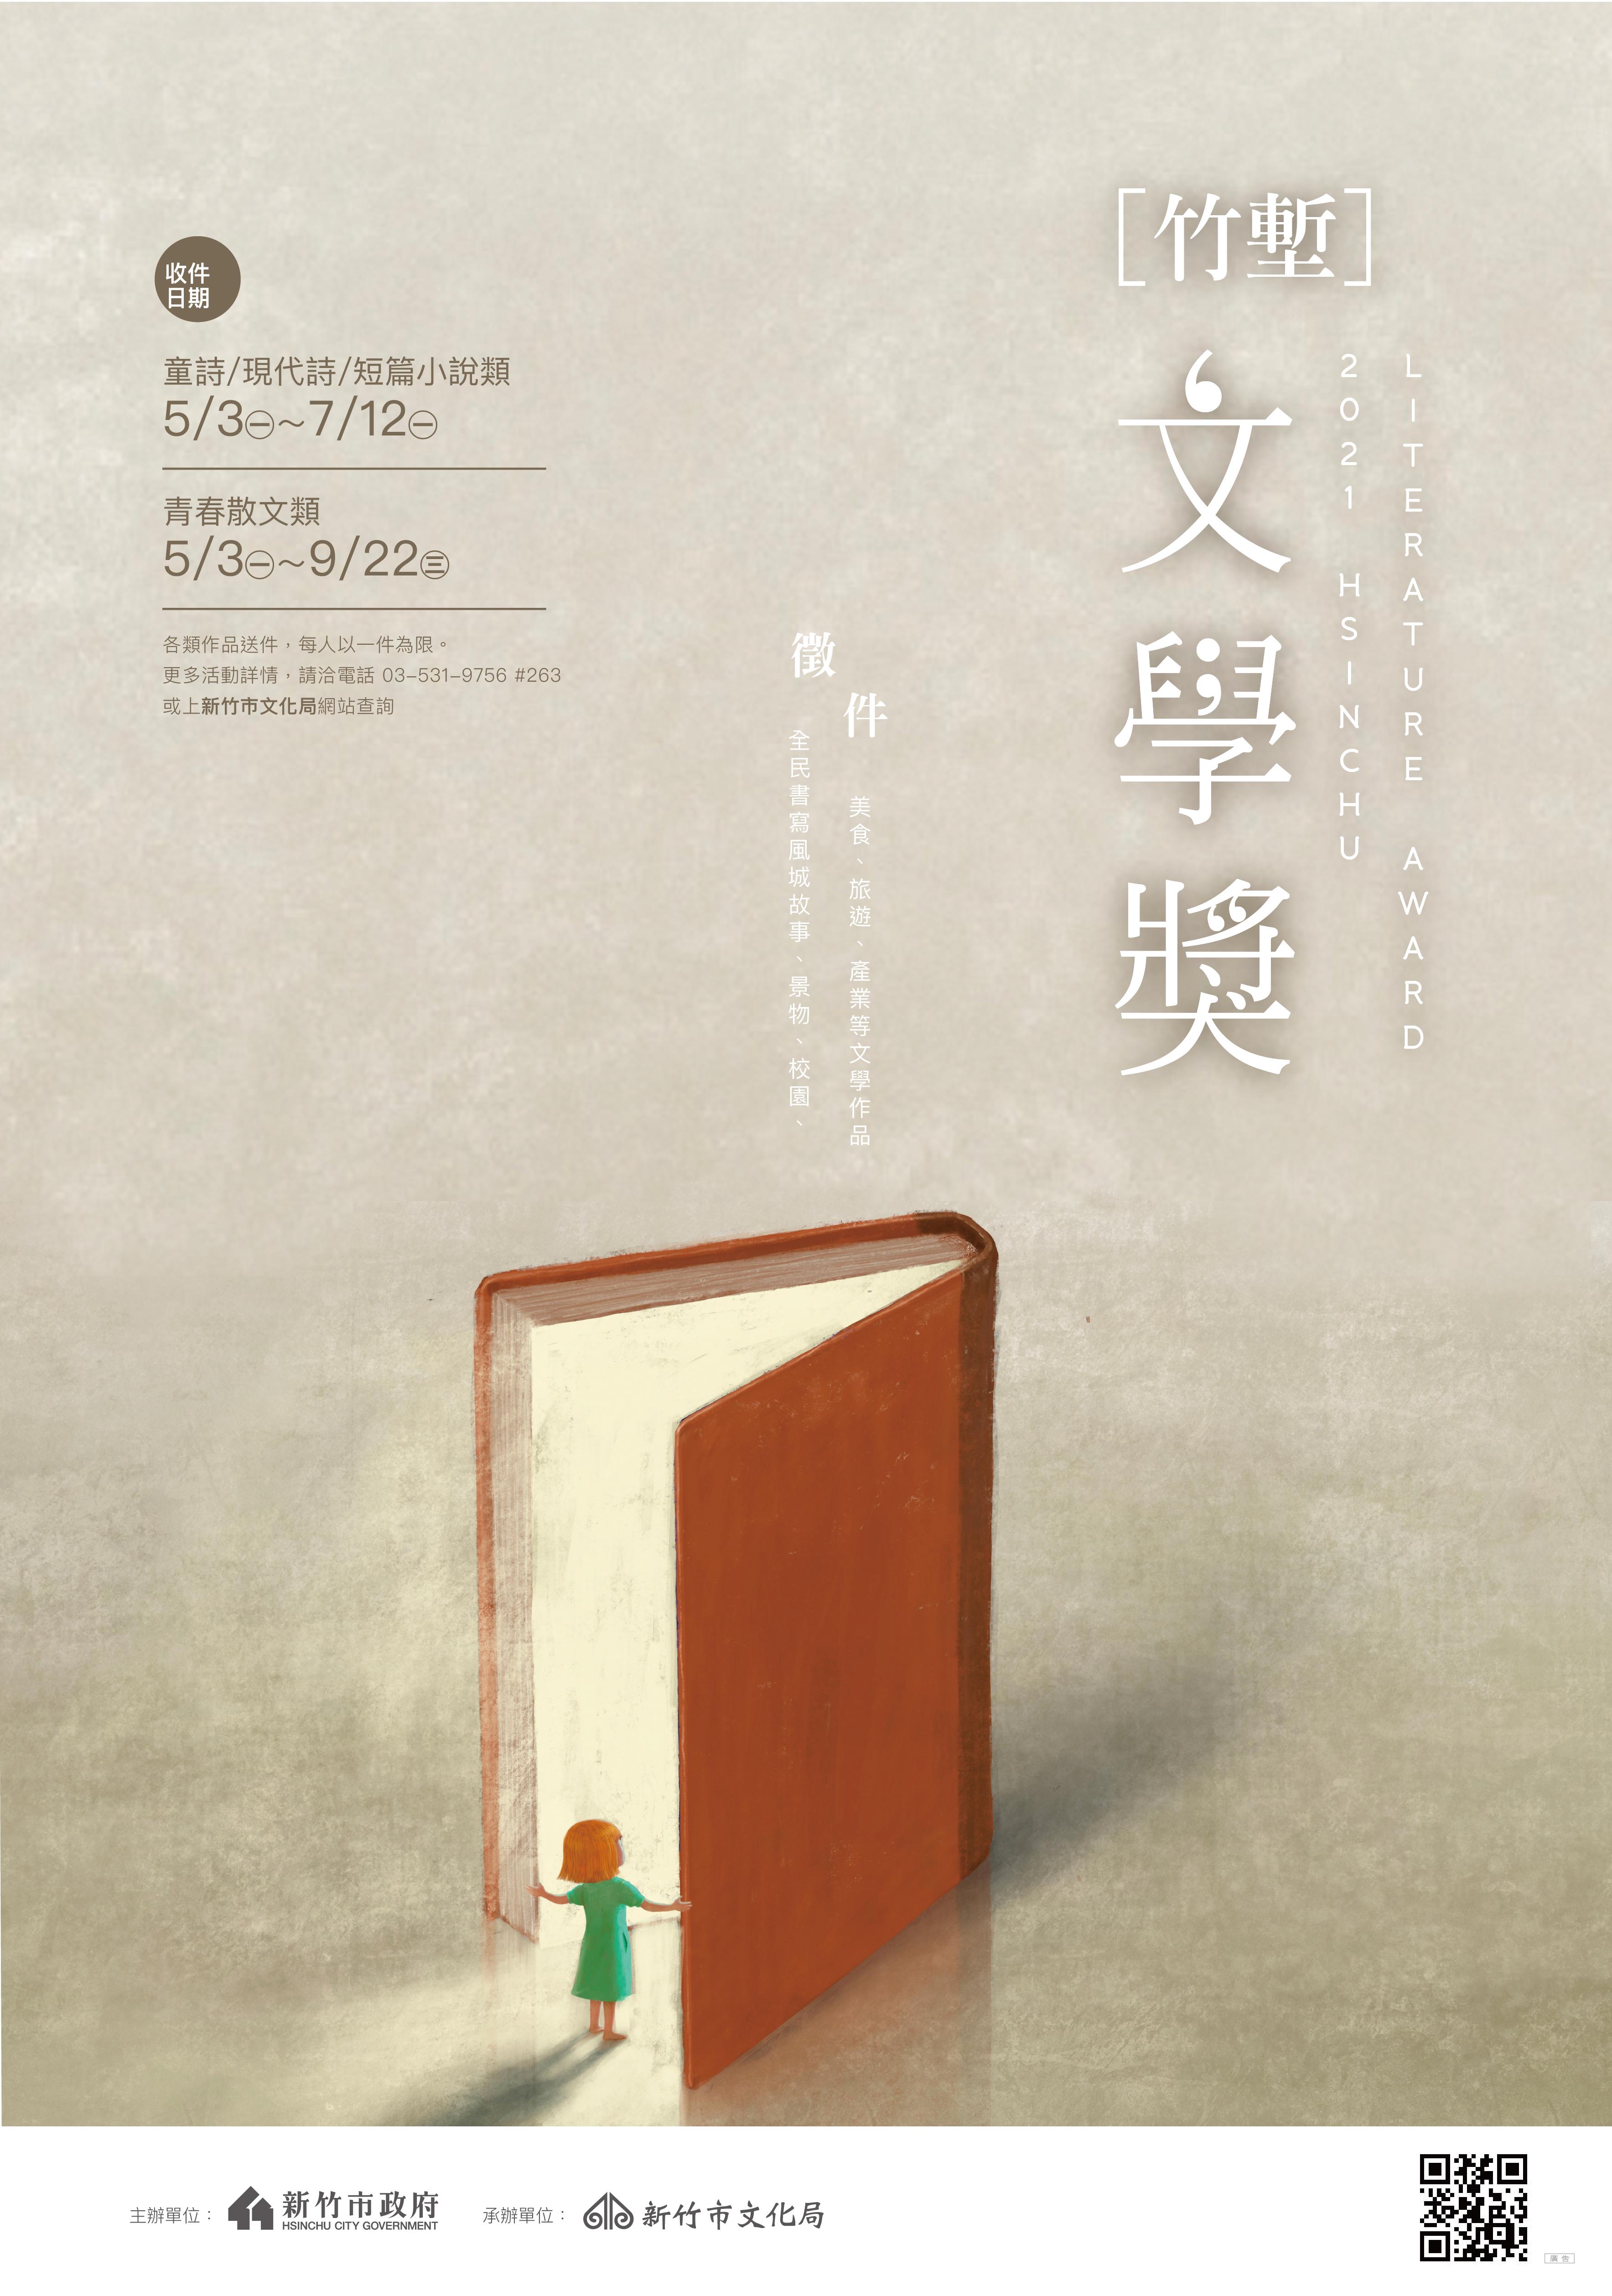 「2021竹塹文學獎」徵文活動開始囉!自即日起開始徵稿至7月12日(一)截止(青春散文徵稿日期延長至9月22日(三))